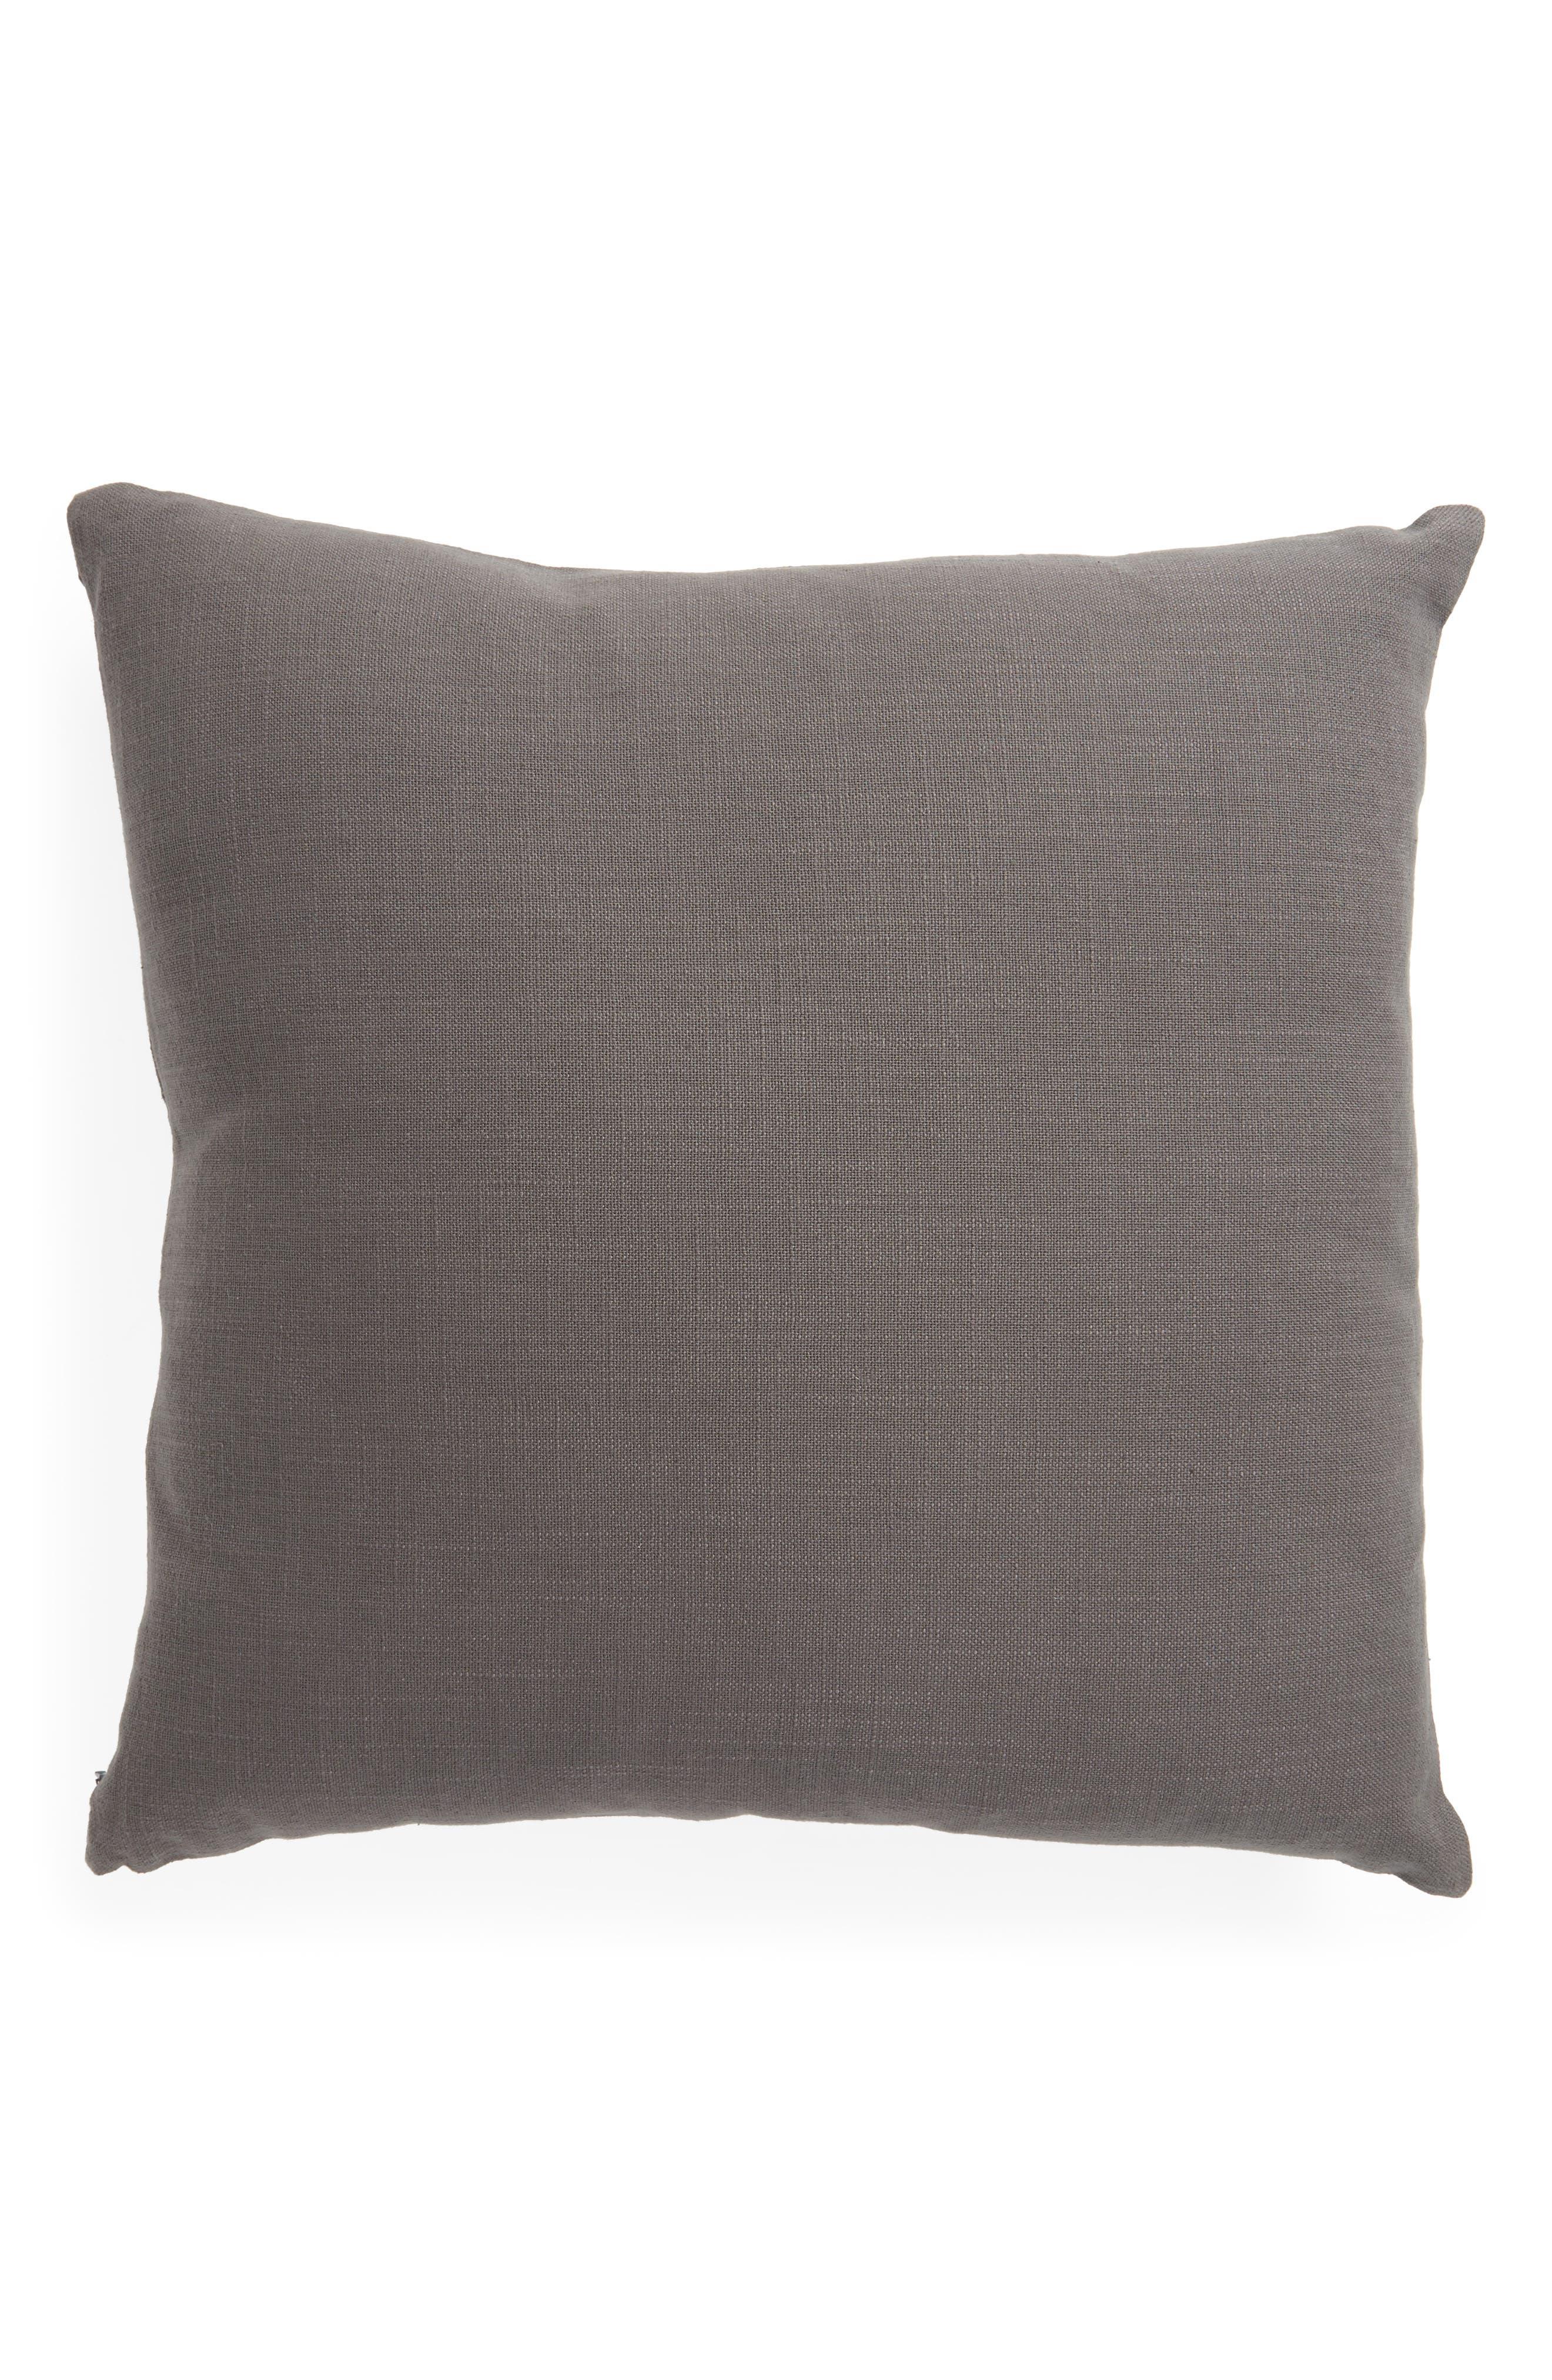 Color Wash Square Pillow,                             Alternate thumbnail 2, color,                             020